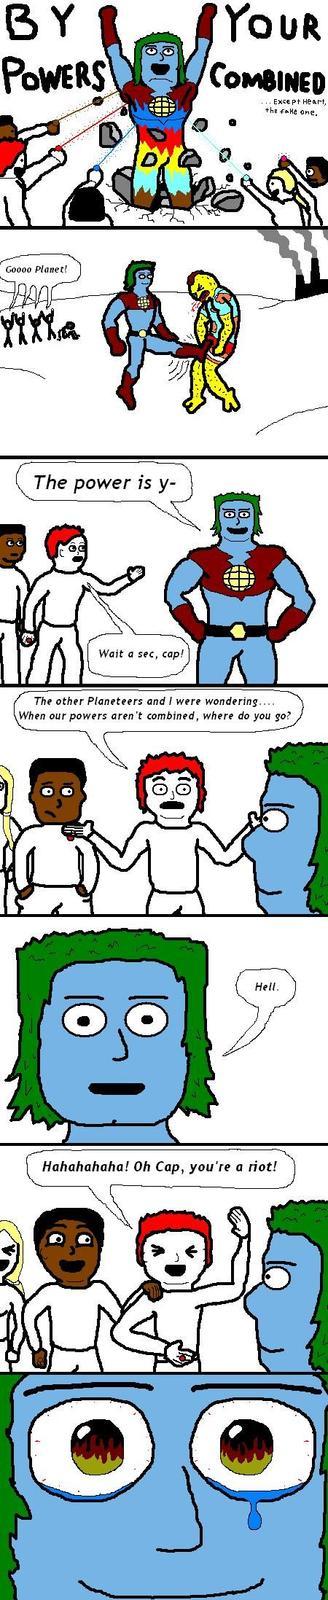 Legorobot_Captainplanet.jpg